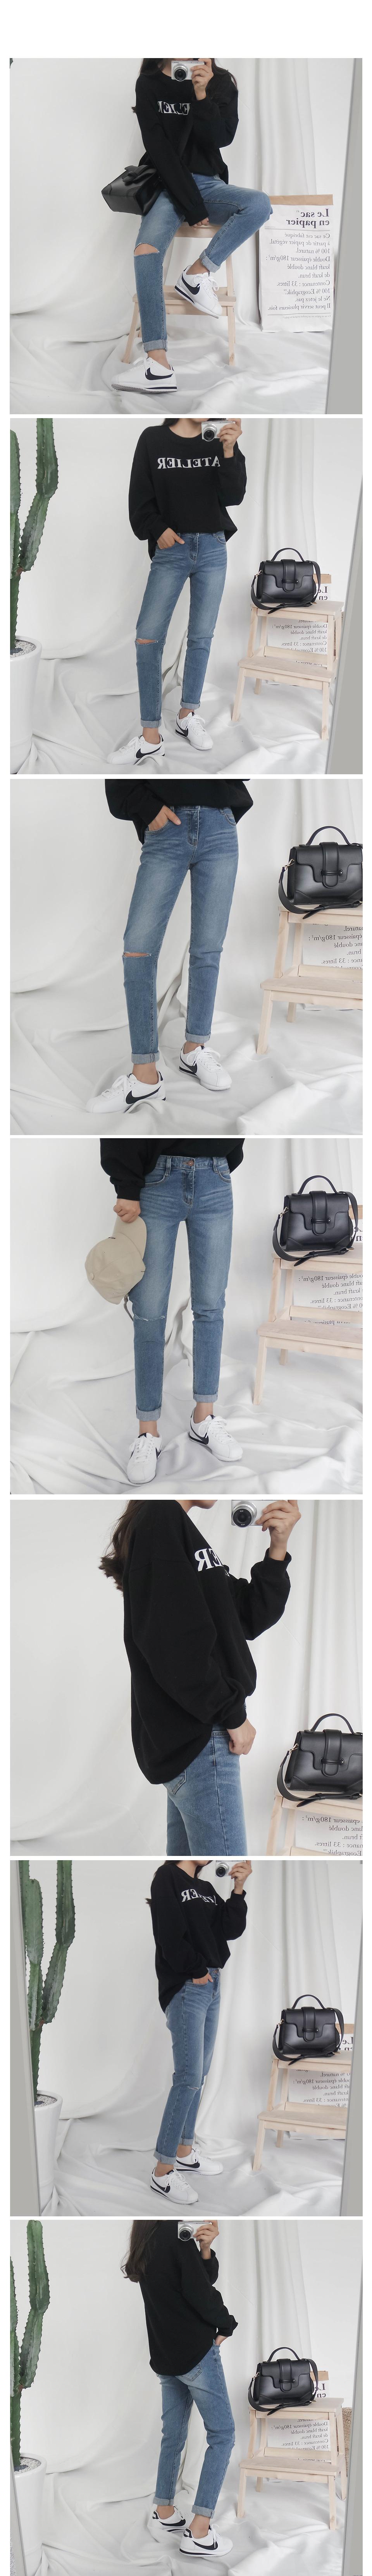 True slim exhaust pants